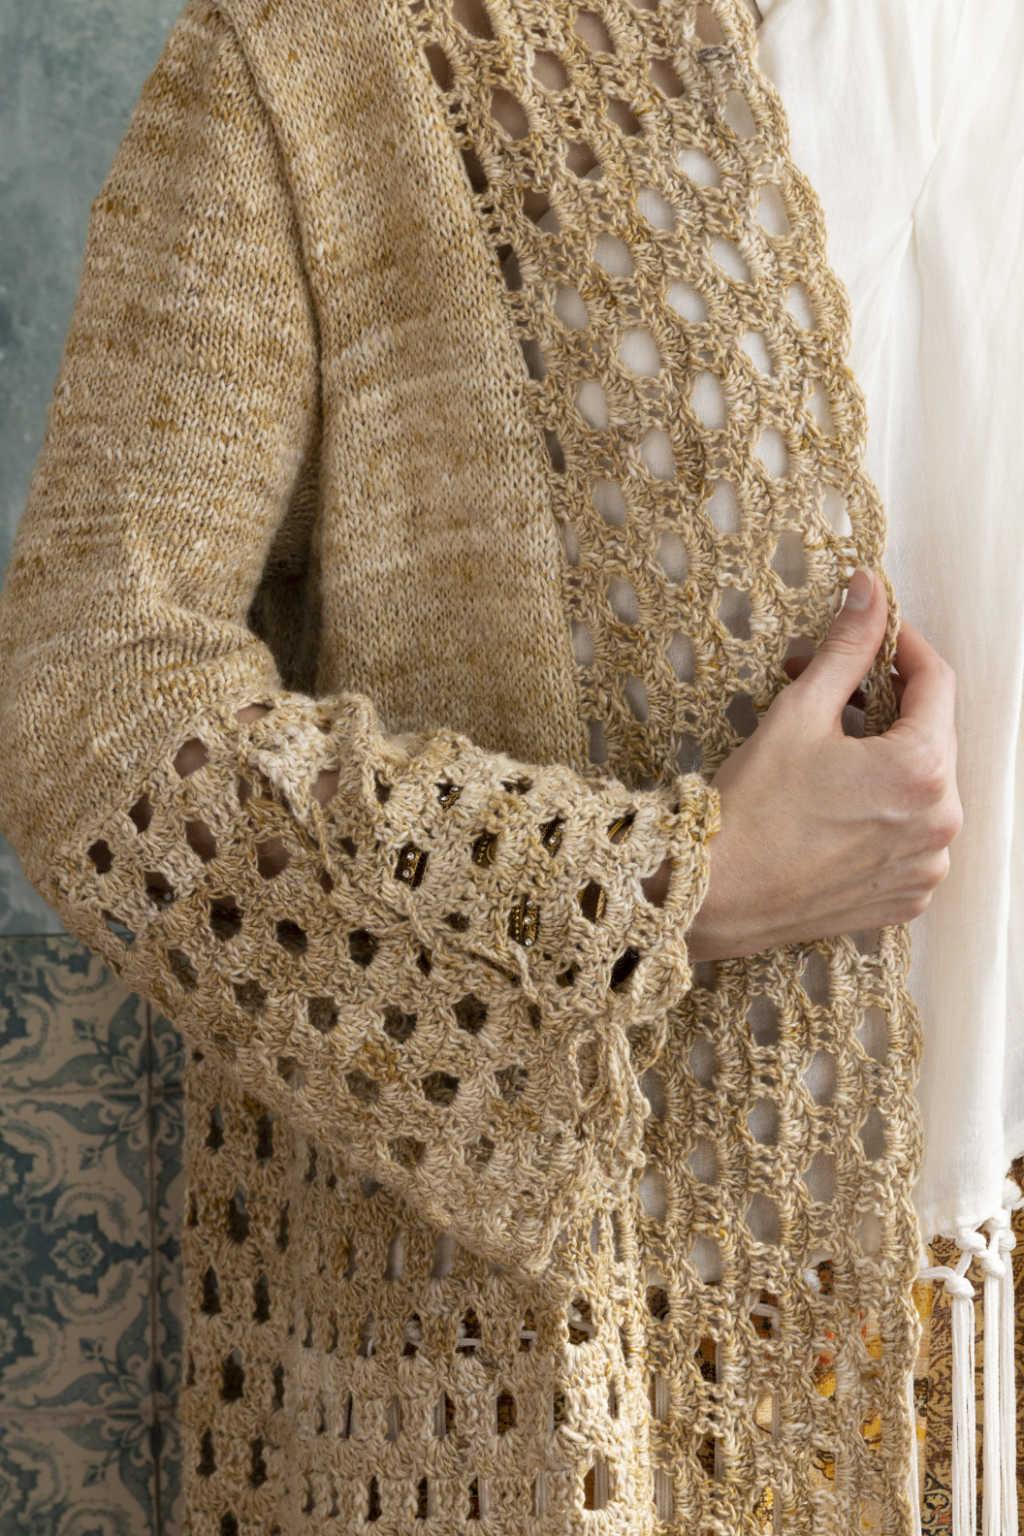 Besonderes Detail des Ärmelsdesign am Knit & Crochet Coat by Katrin Walter aus Noro Kumo #15, man kann den Schlitz mit einem Häkelband auch schließen. Foto: Noro Magazine 16